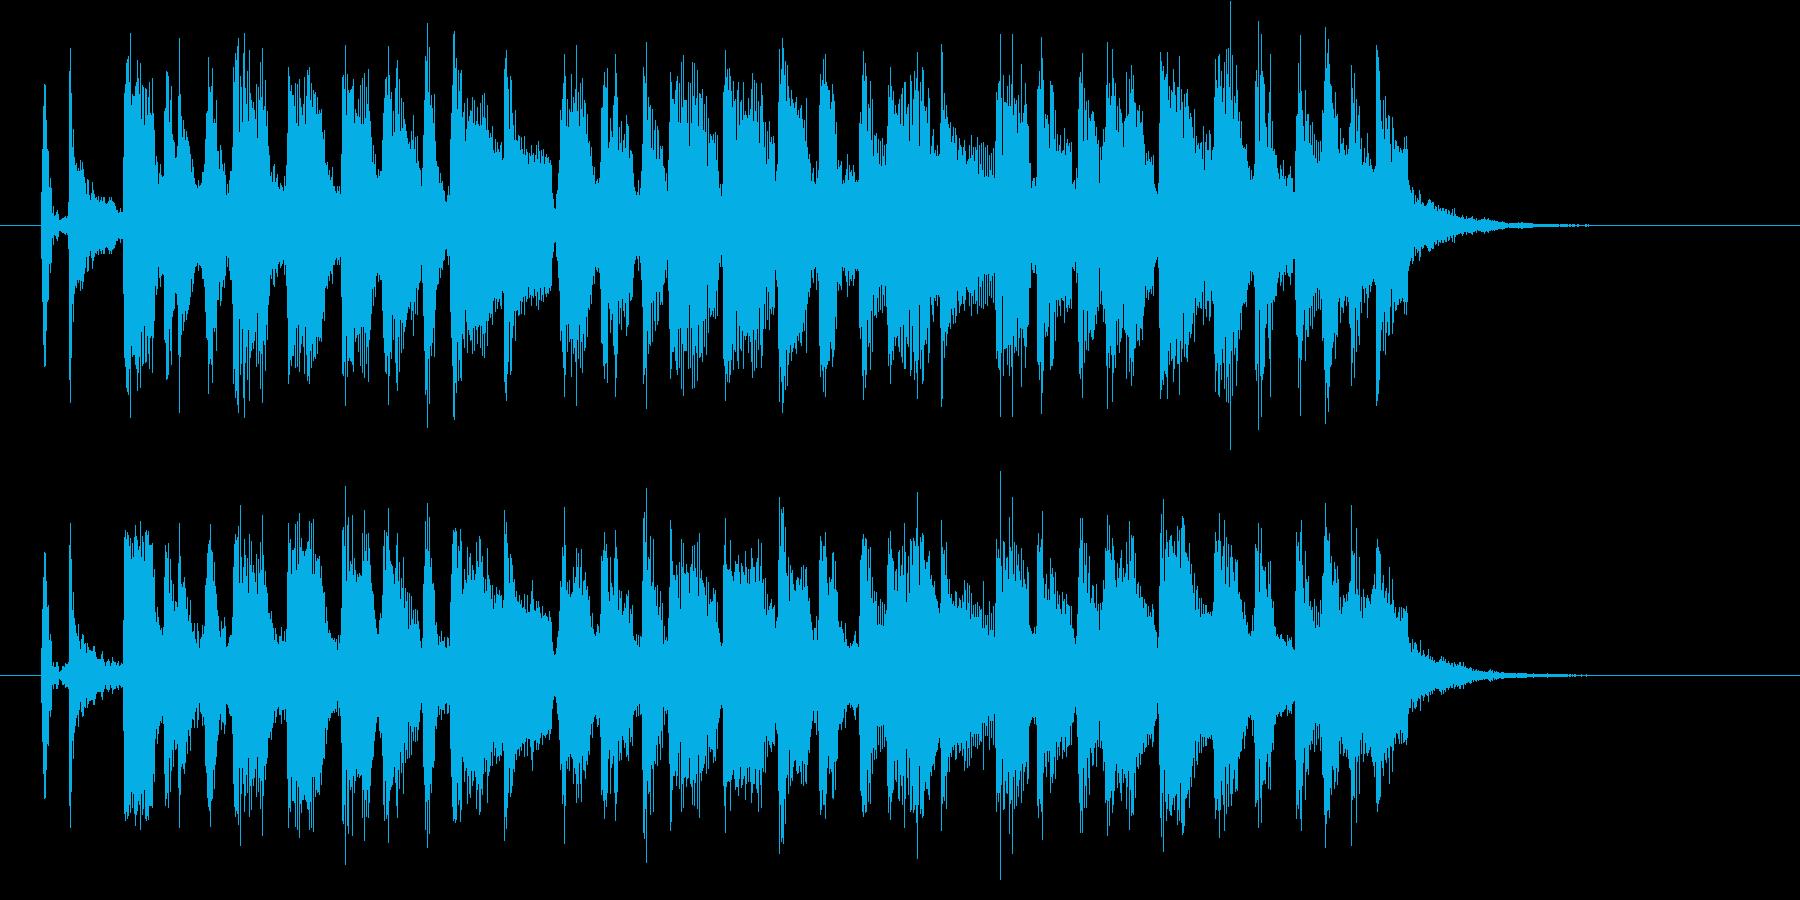 元気なホーンの楽しいポップスの再生済みの波形